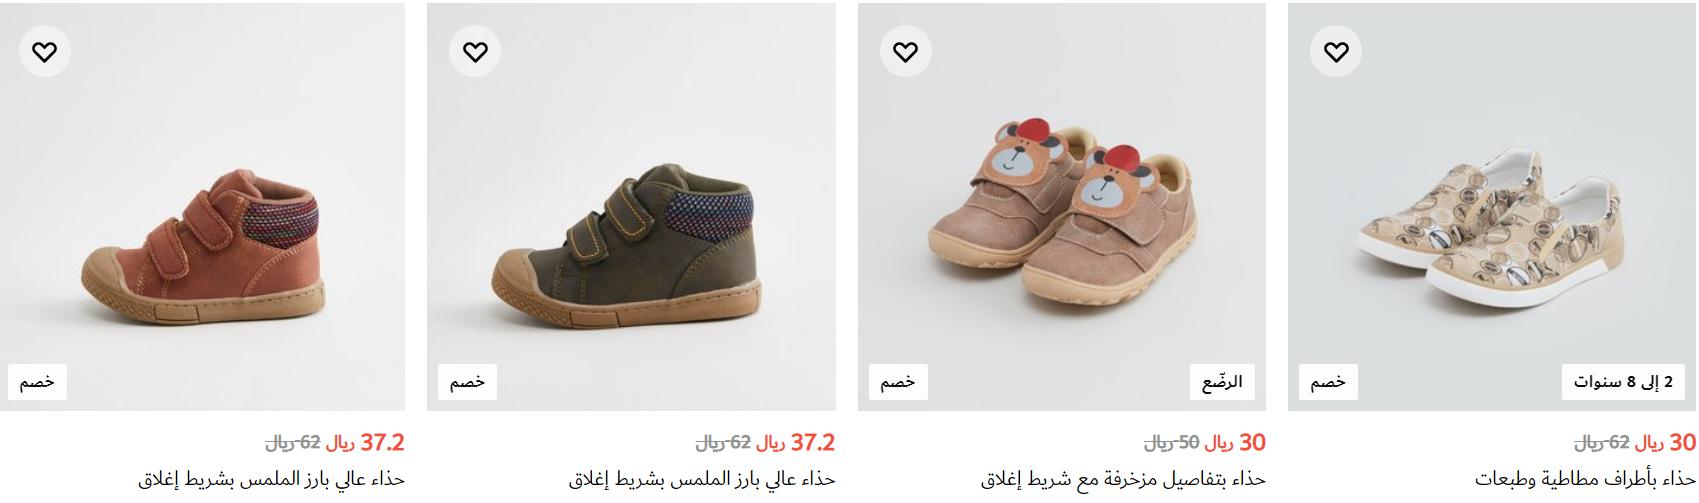 خصومات max علي احذية الاولاد